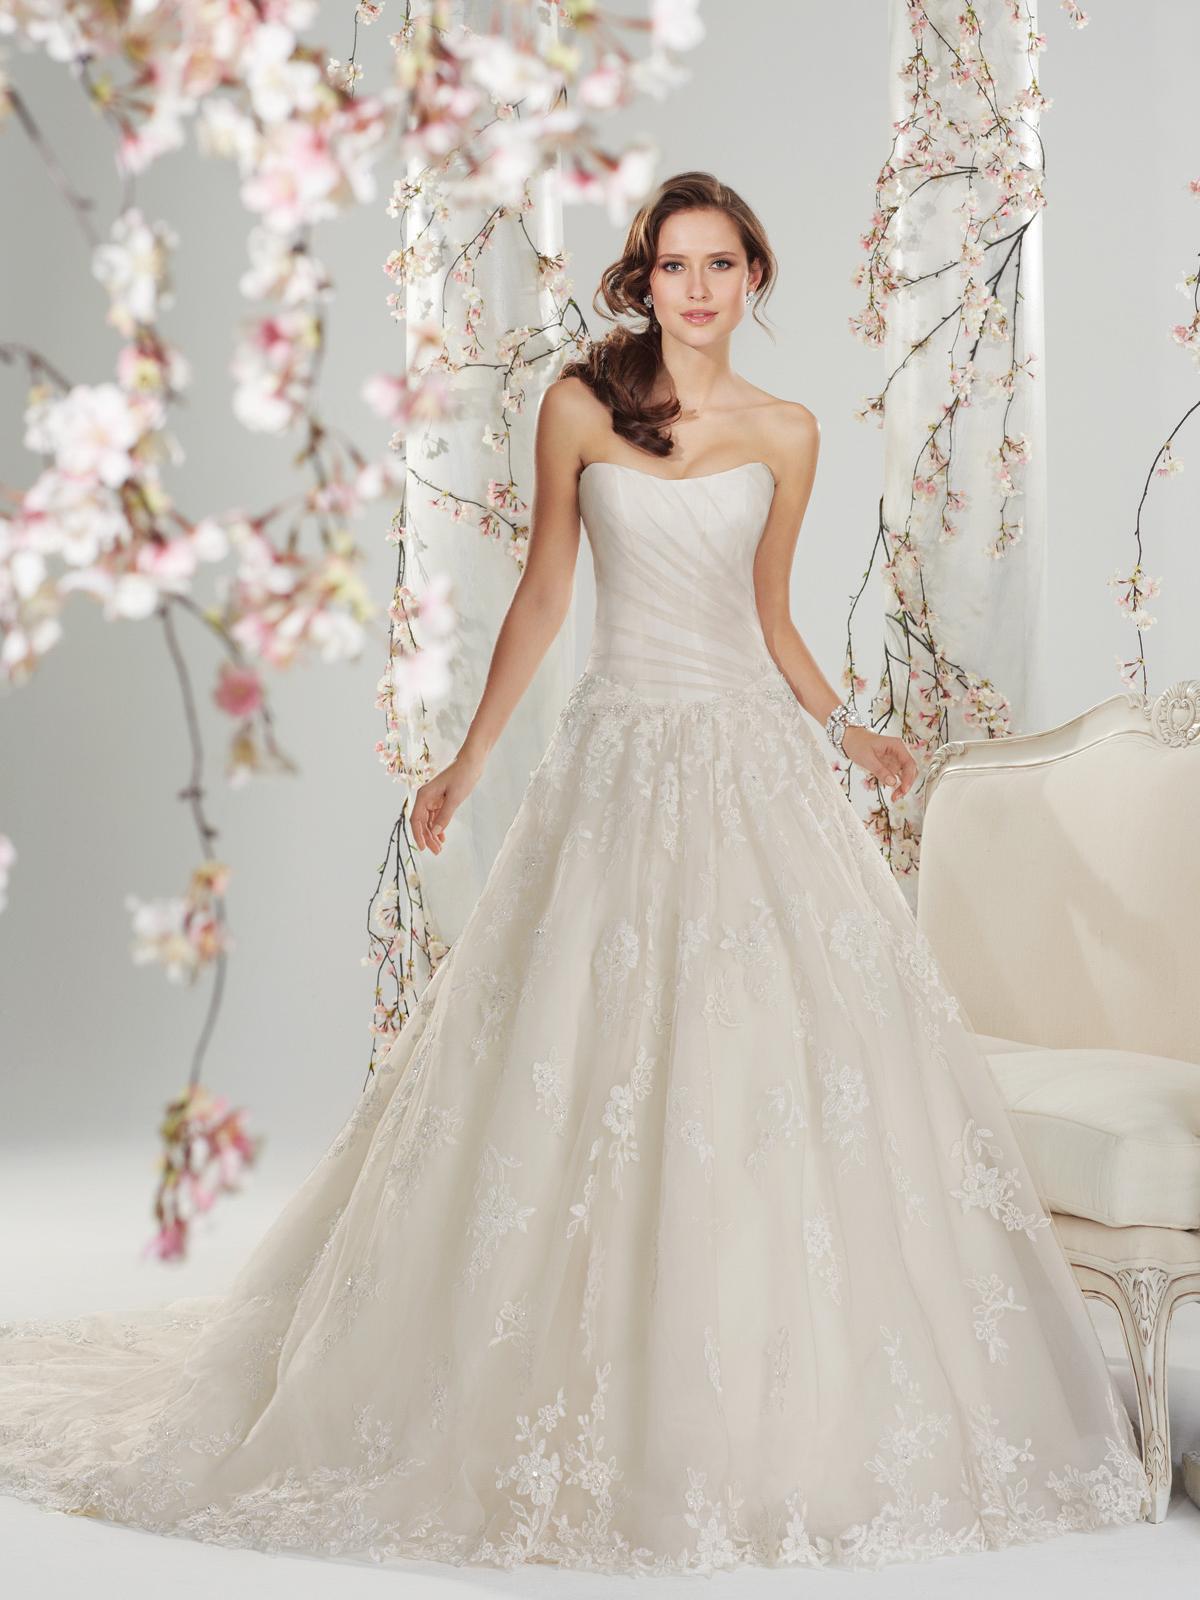 Svadobné šaty, čo sa mi páčia :) - Obrázok č. 68